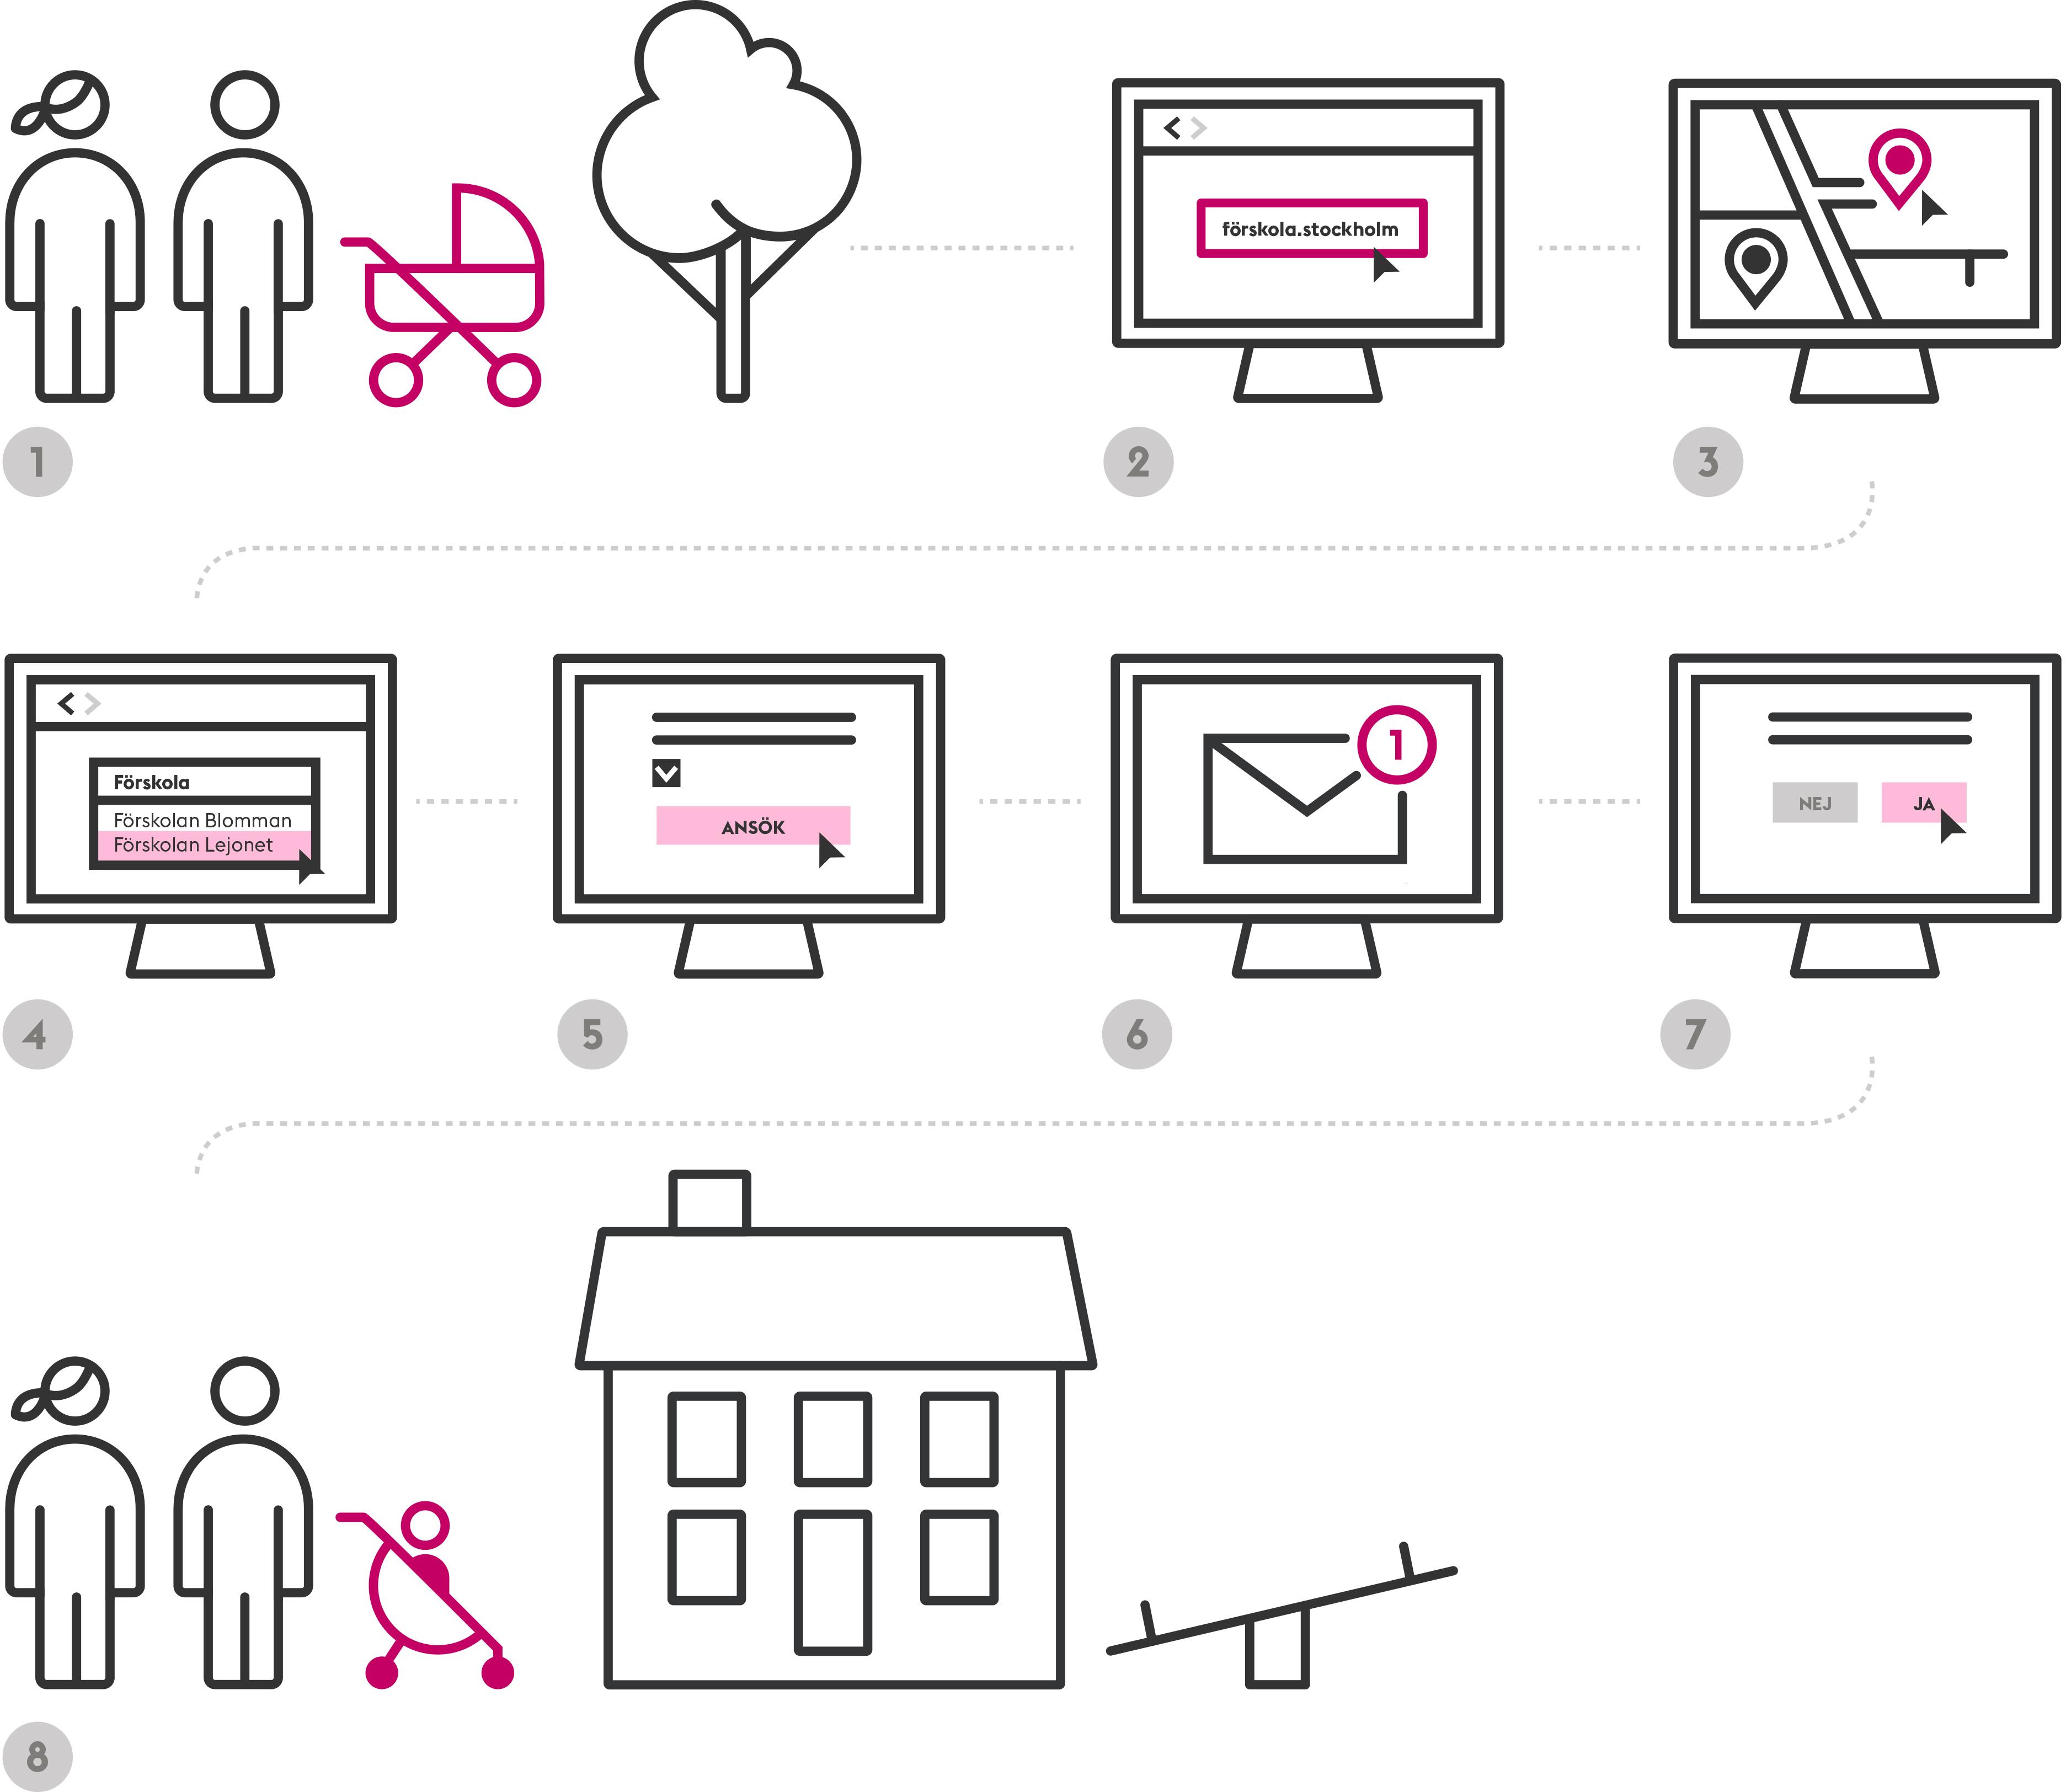 Ikoner som beskriver processen för att ansöka om förskola